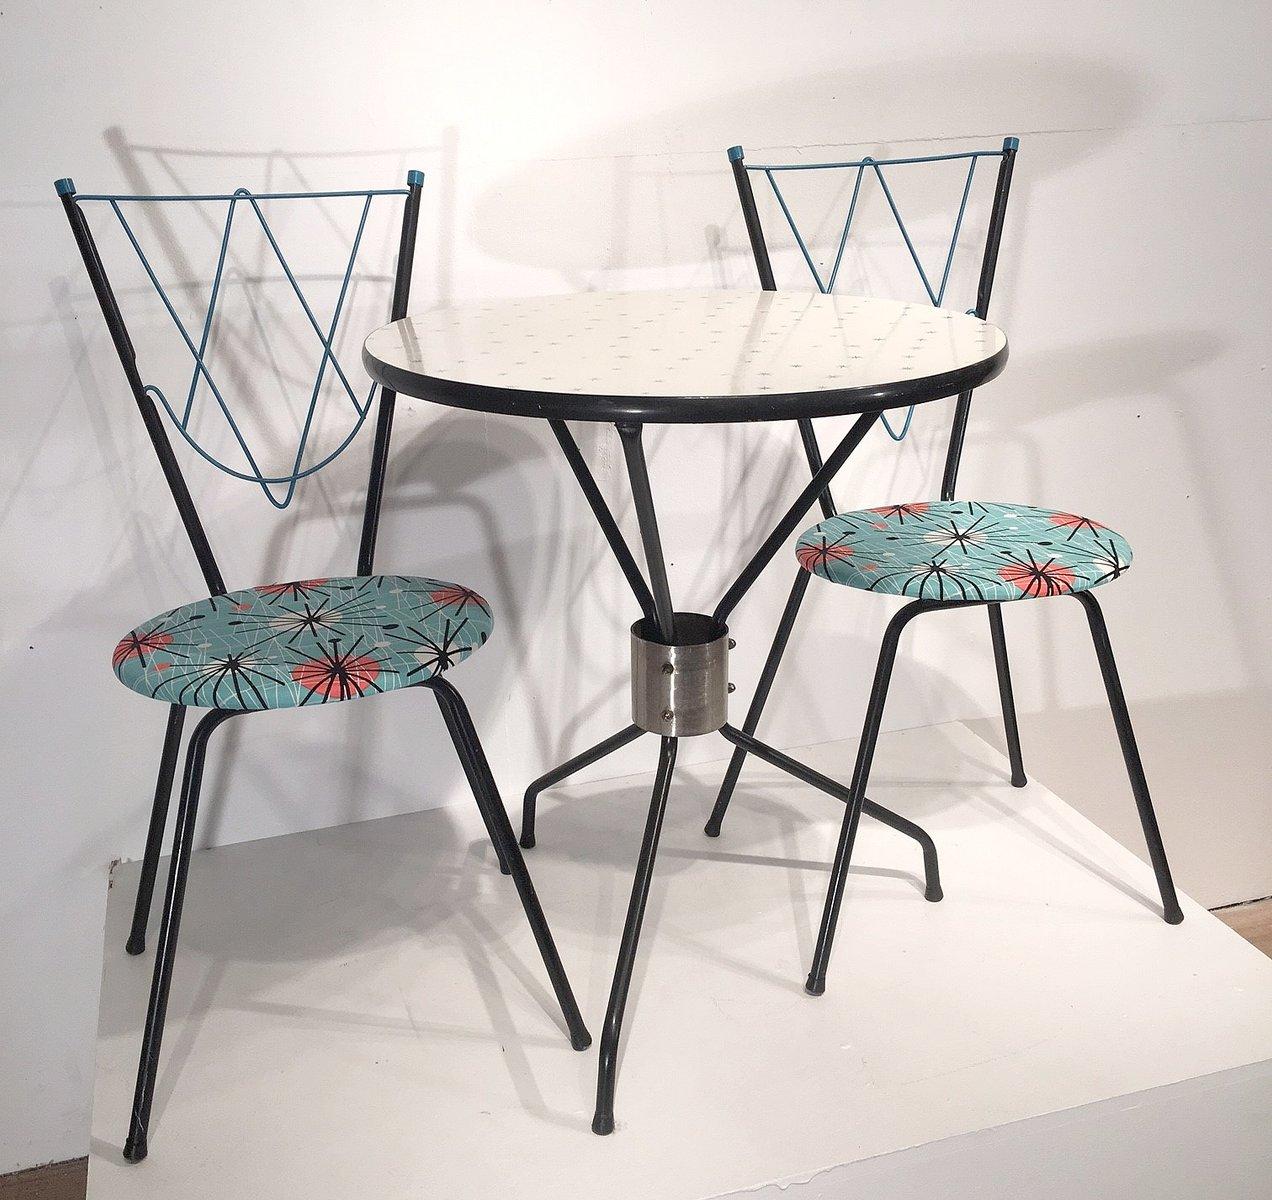 vintage esszimmerset mit 1 tisch und 2 st hlen bei pamono kaufen. Black Bedroom Furniture Sets. Home Design Ideas